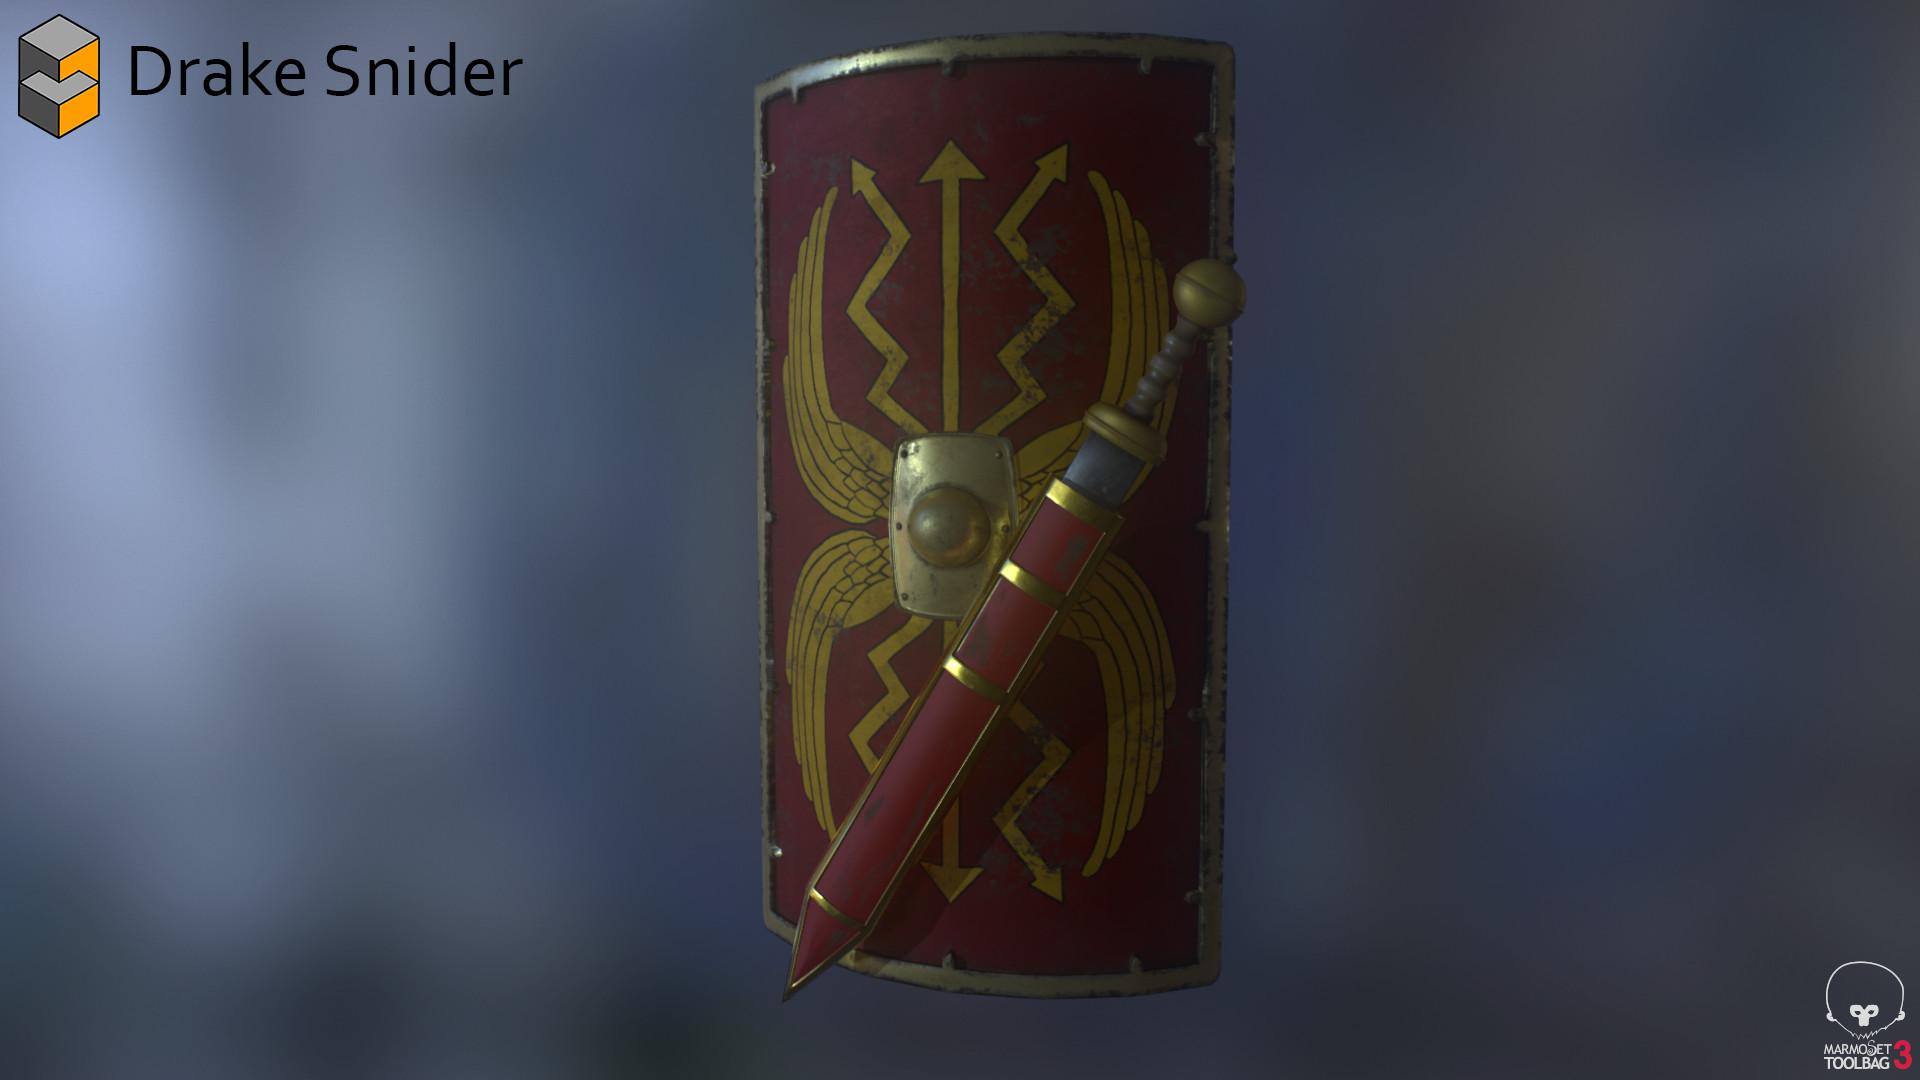 Drake snider drakesnider shield